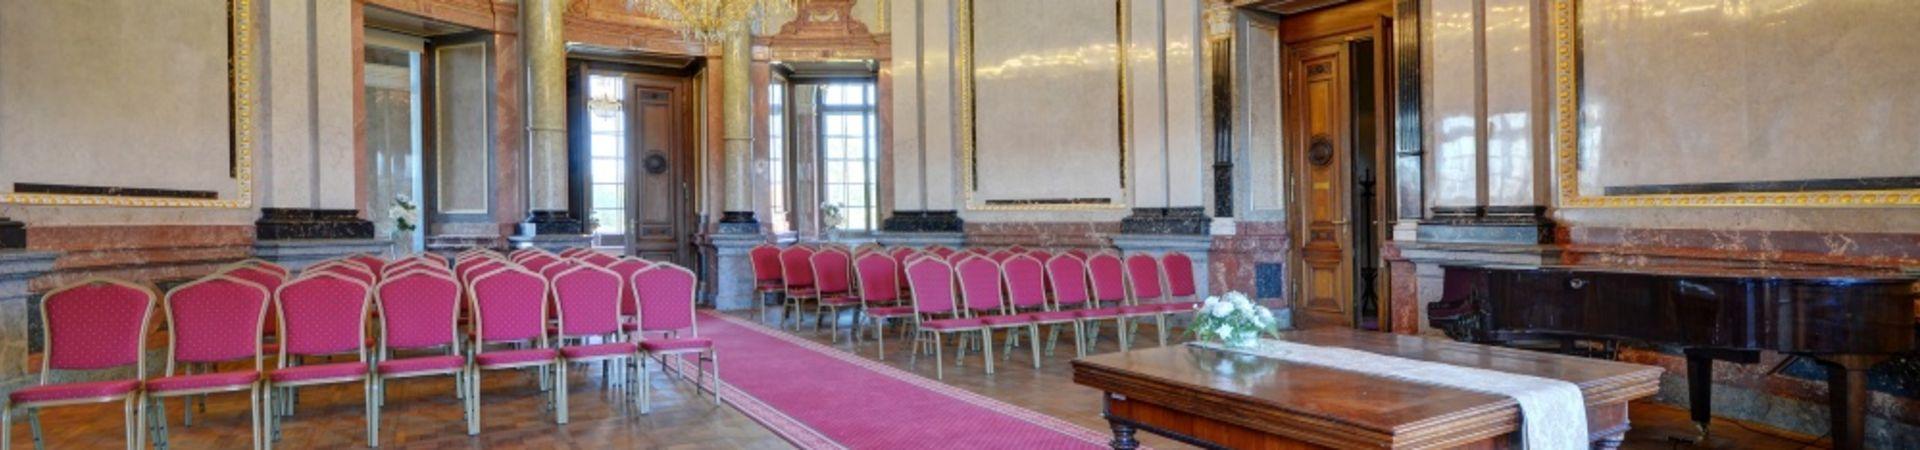 Zámek Liblice, konferenční centrum AV ČR - Mramorový sál